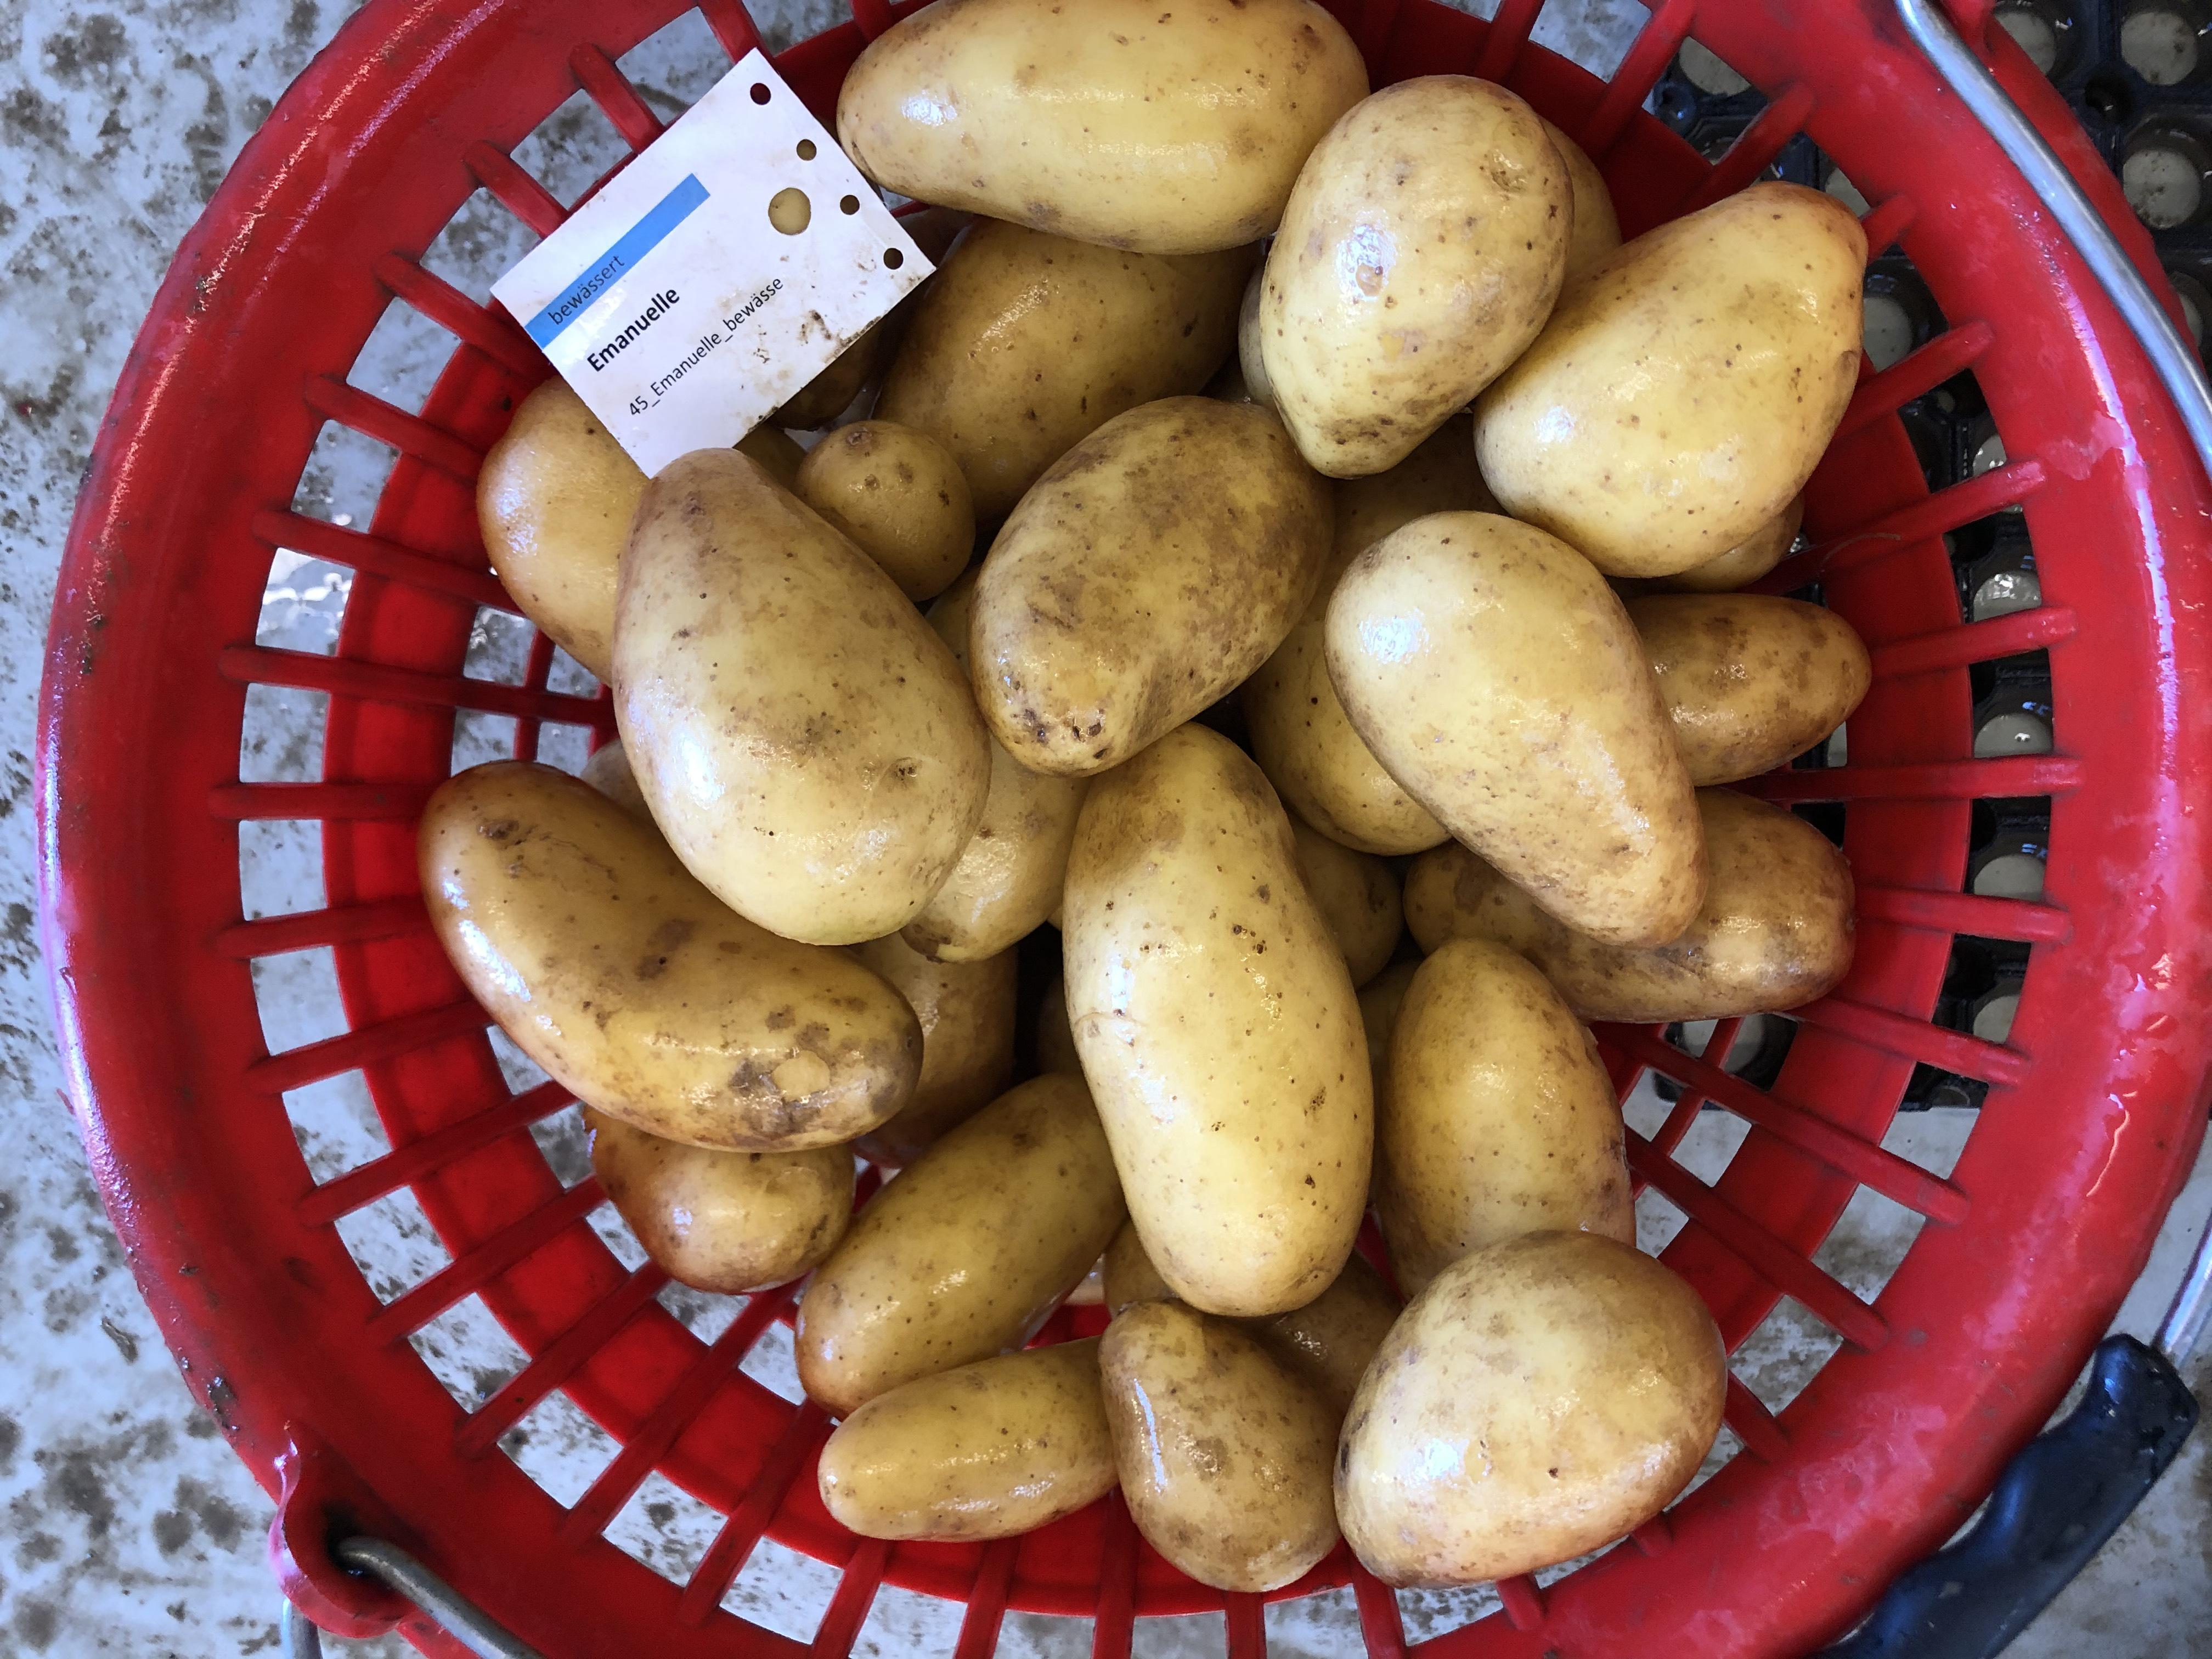 Waschprobe Emanuelle Sortenversuch Kartoffeln 2020 Humlikon